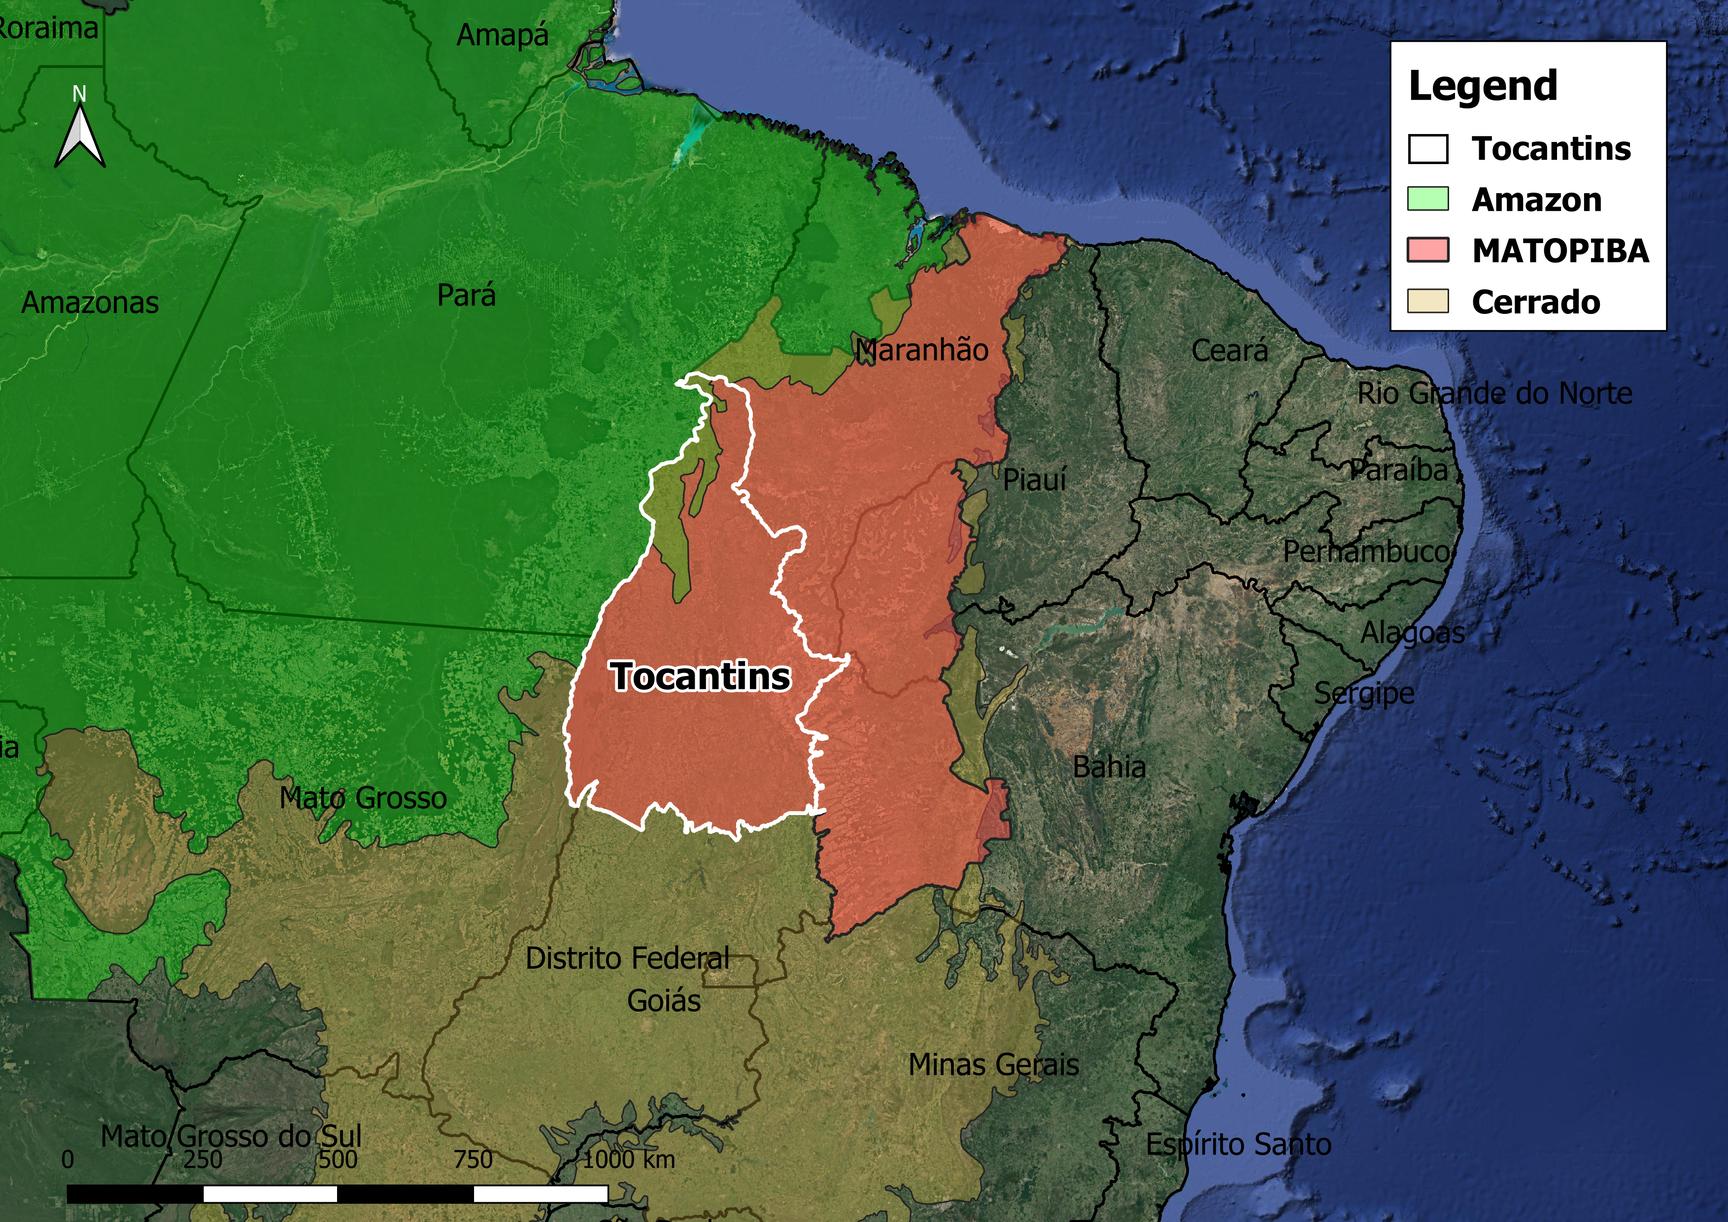 Araguaçu Tocantins fonte: chainreactionresearch.com